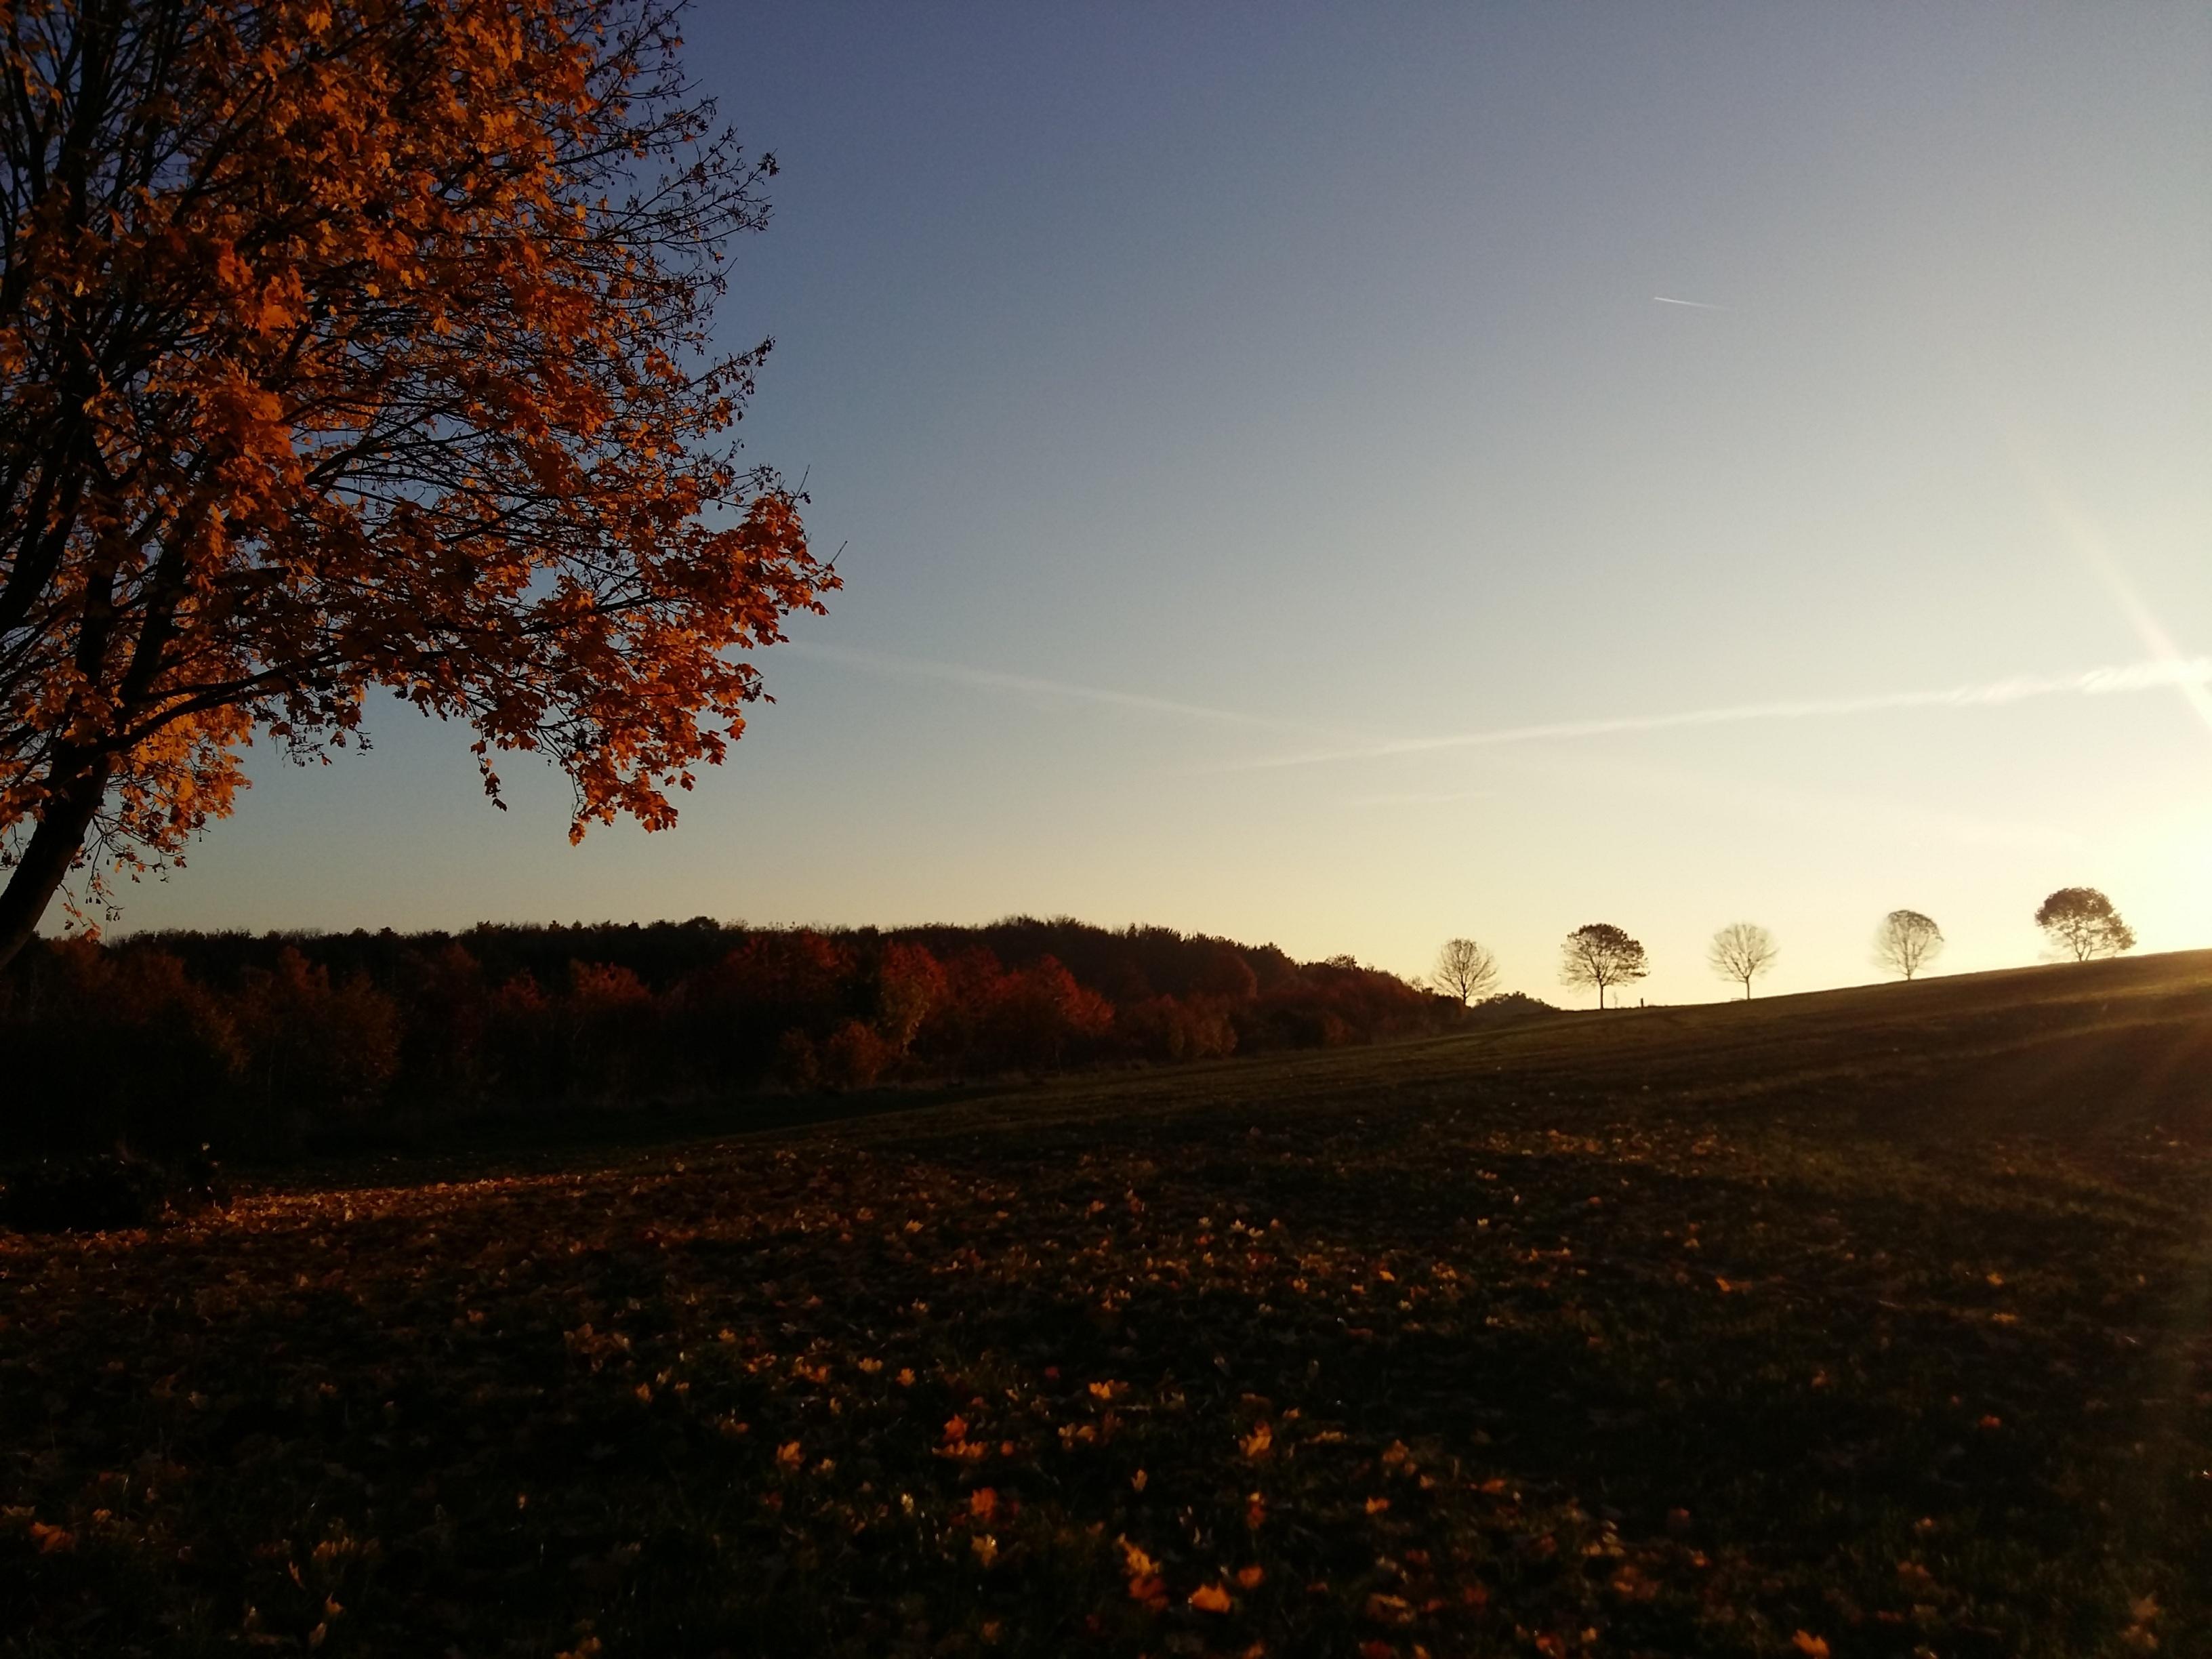 Gambar Pemandangan Pohon Alam Horison Gunung Awan